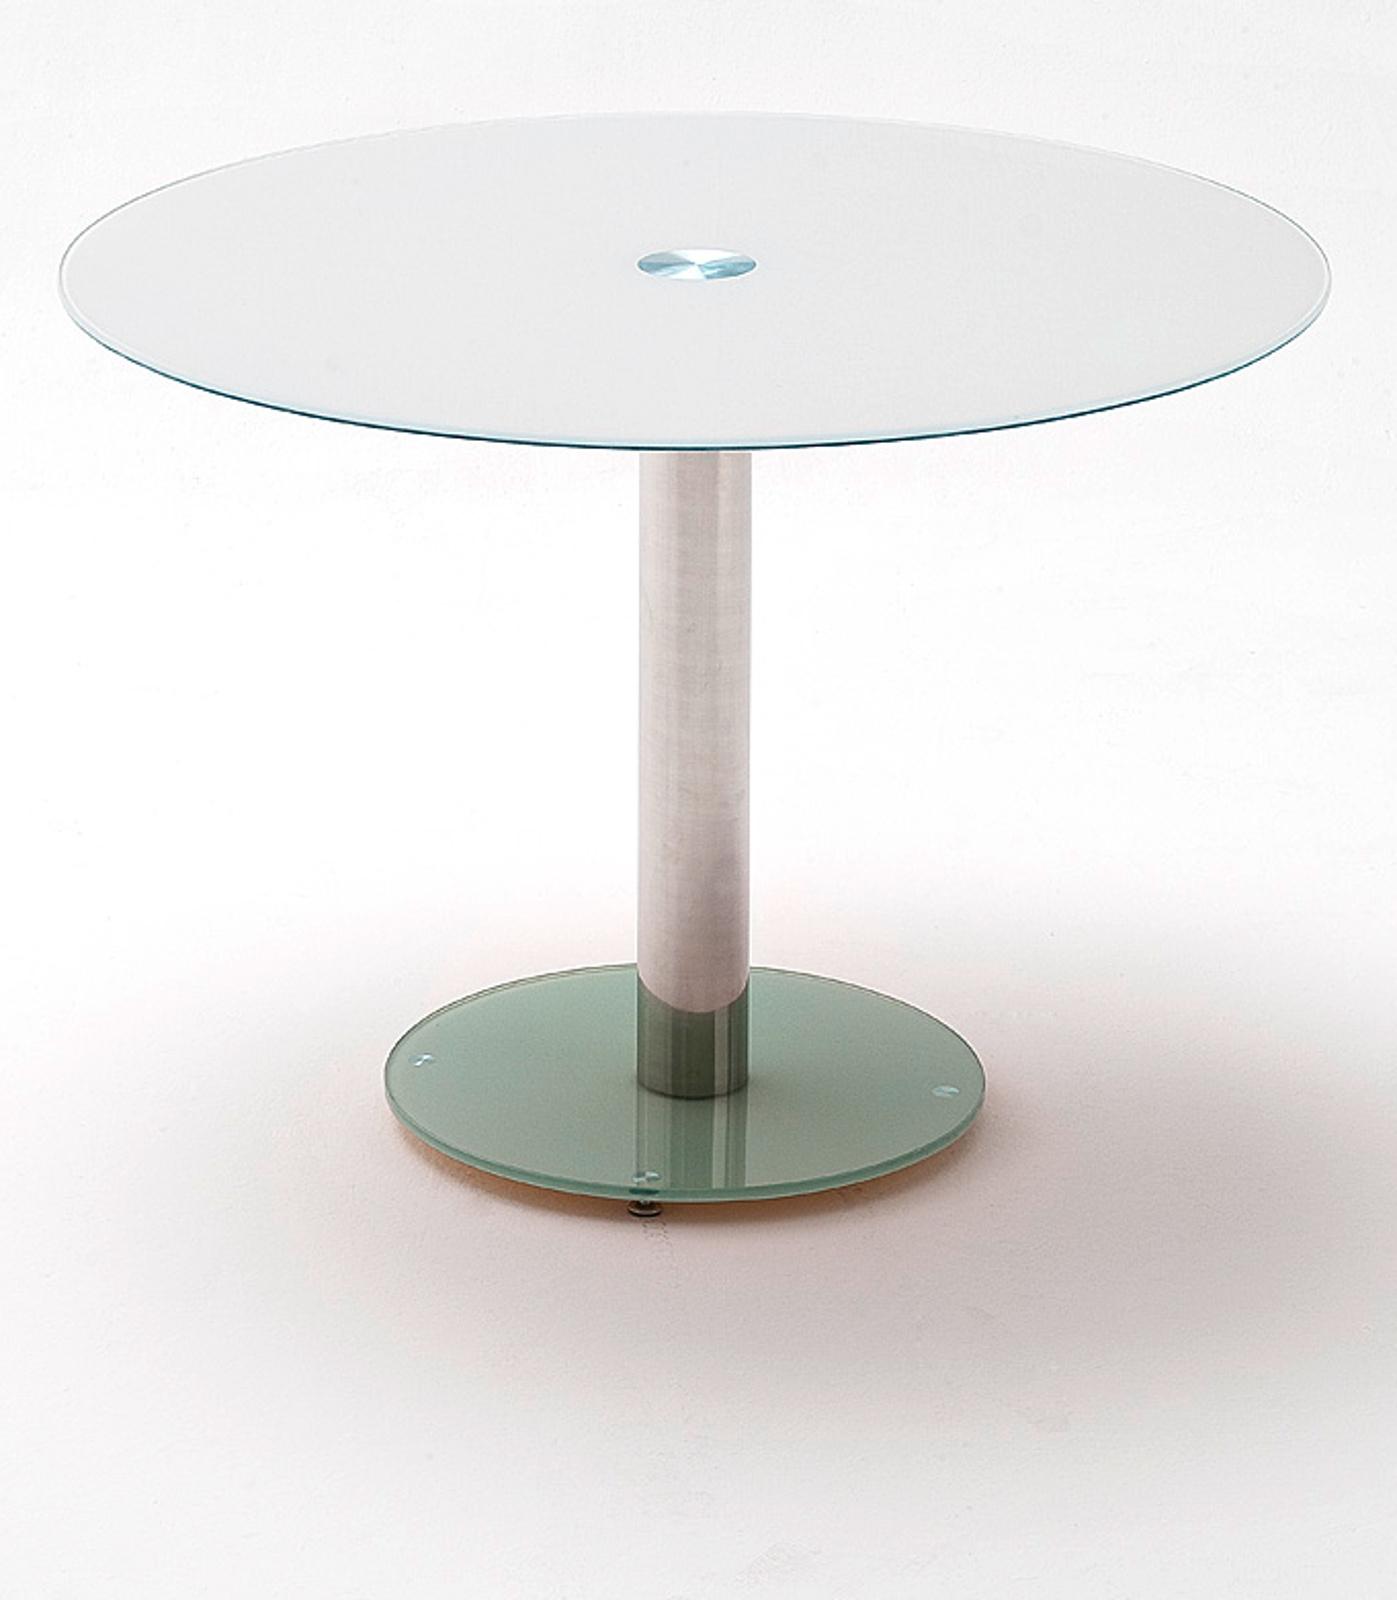 Esstisch Falko in weiß Glastisch rund 9 cm Durchmesser Küchentisch  Säulentisch